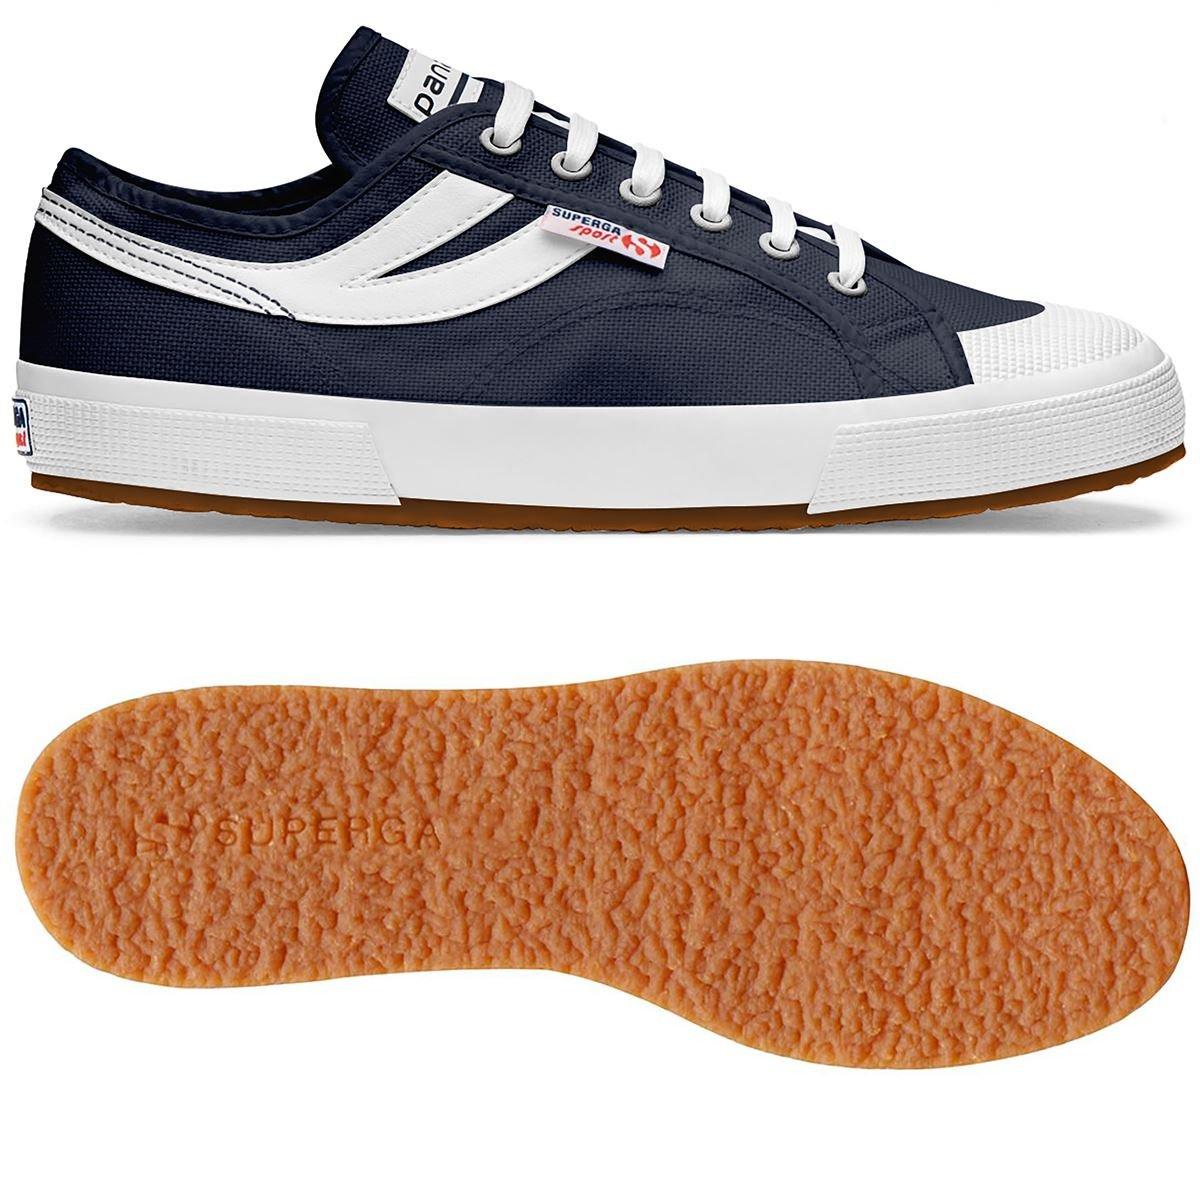 Superga 2750 Cotu Panatta, scarpe da ginnastica Unisex – Adulto | Di Alta Qualità Ed Economico  | Uomo/Donne Scarpa